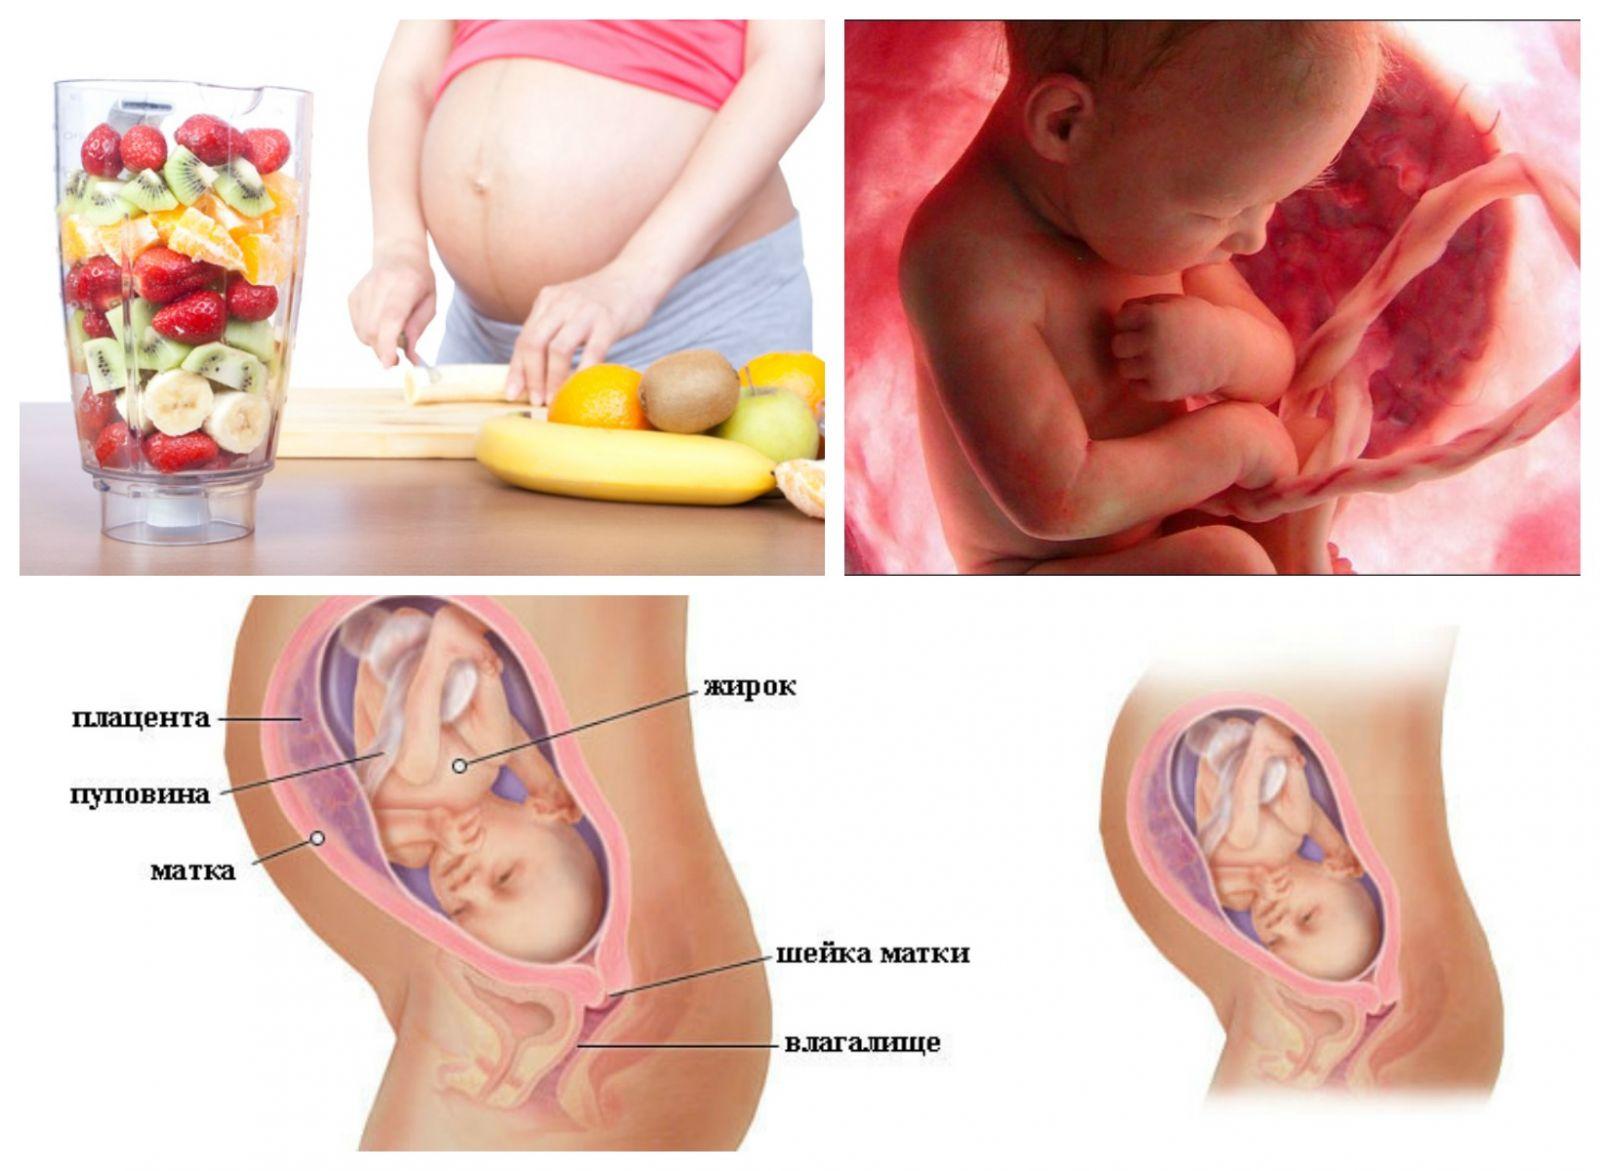 А у некоторых женщин роды могут стартовать и с начала 36 недели.